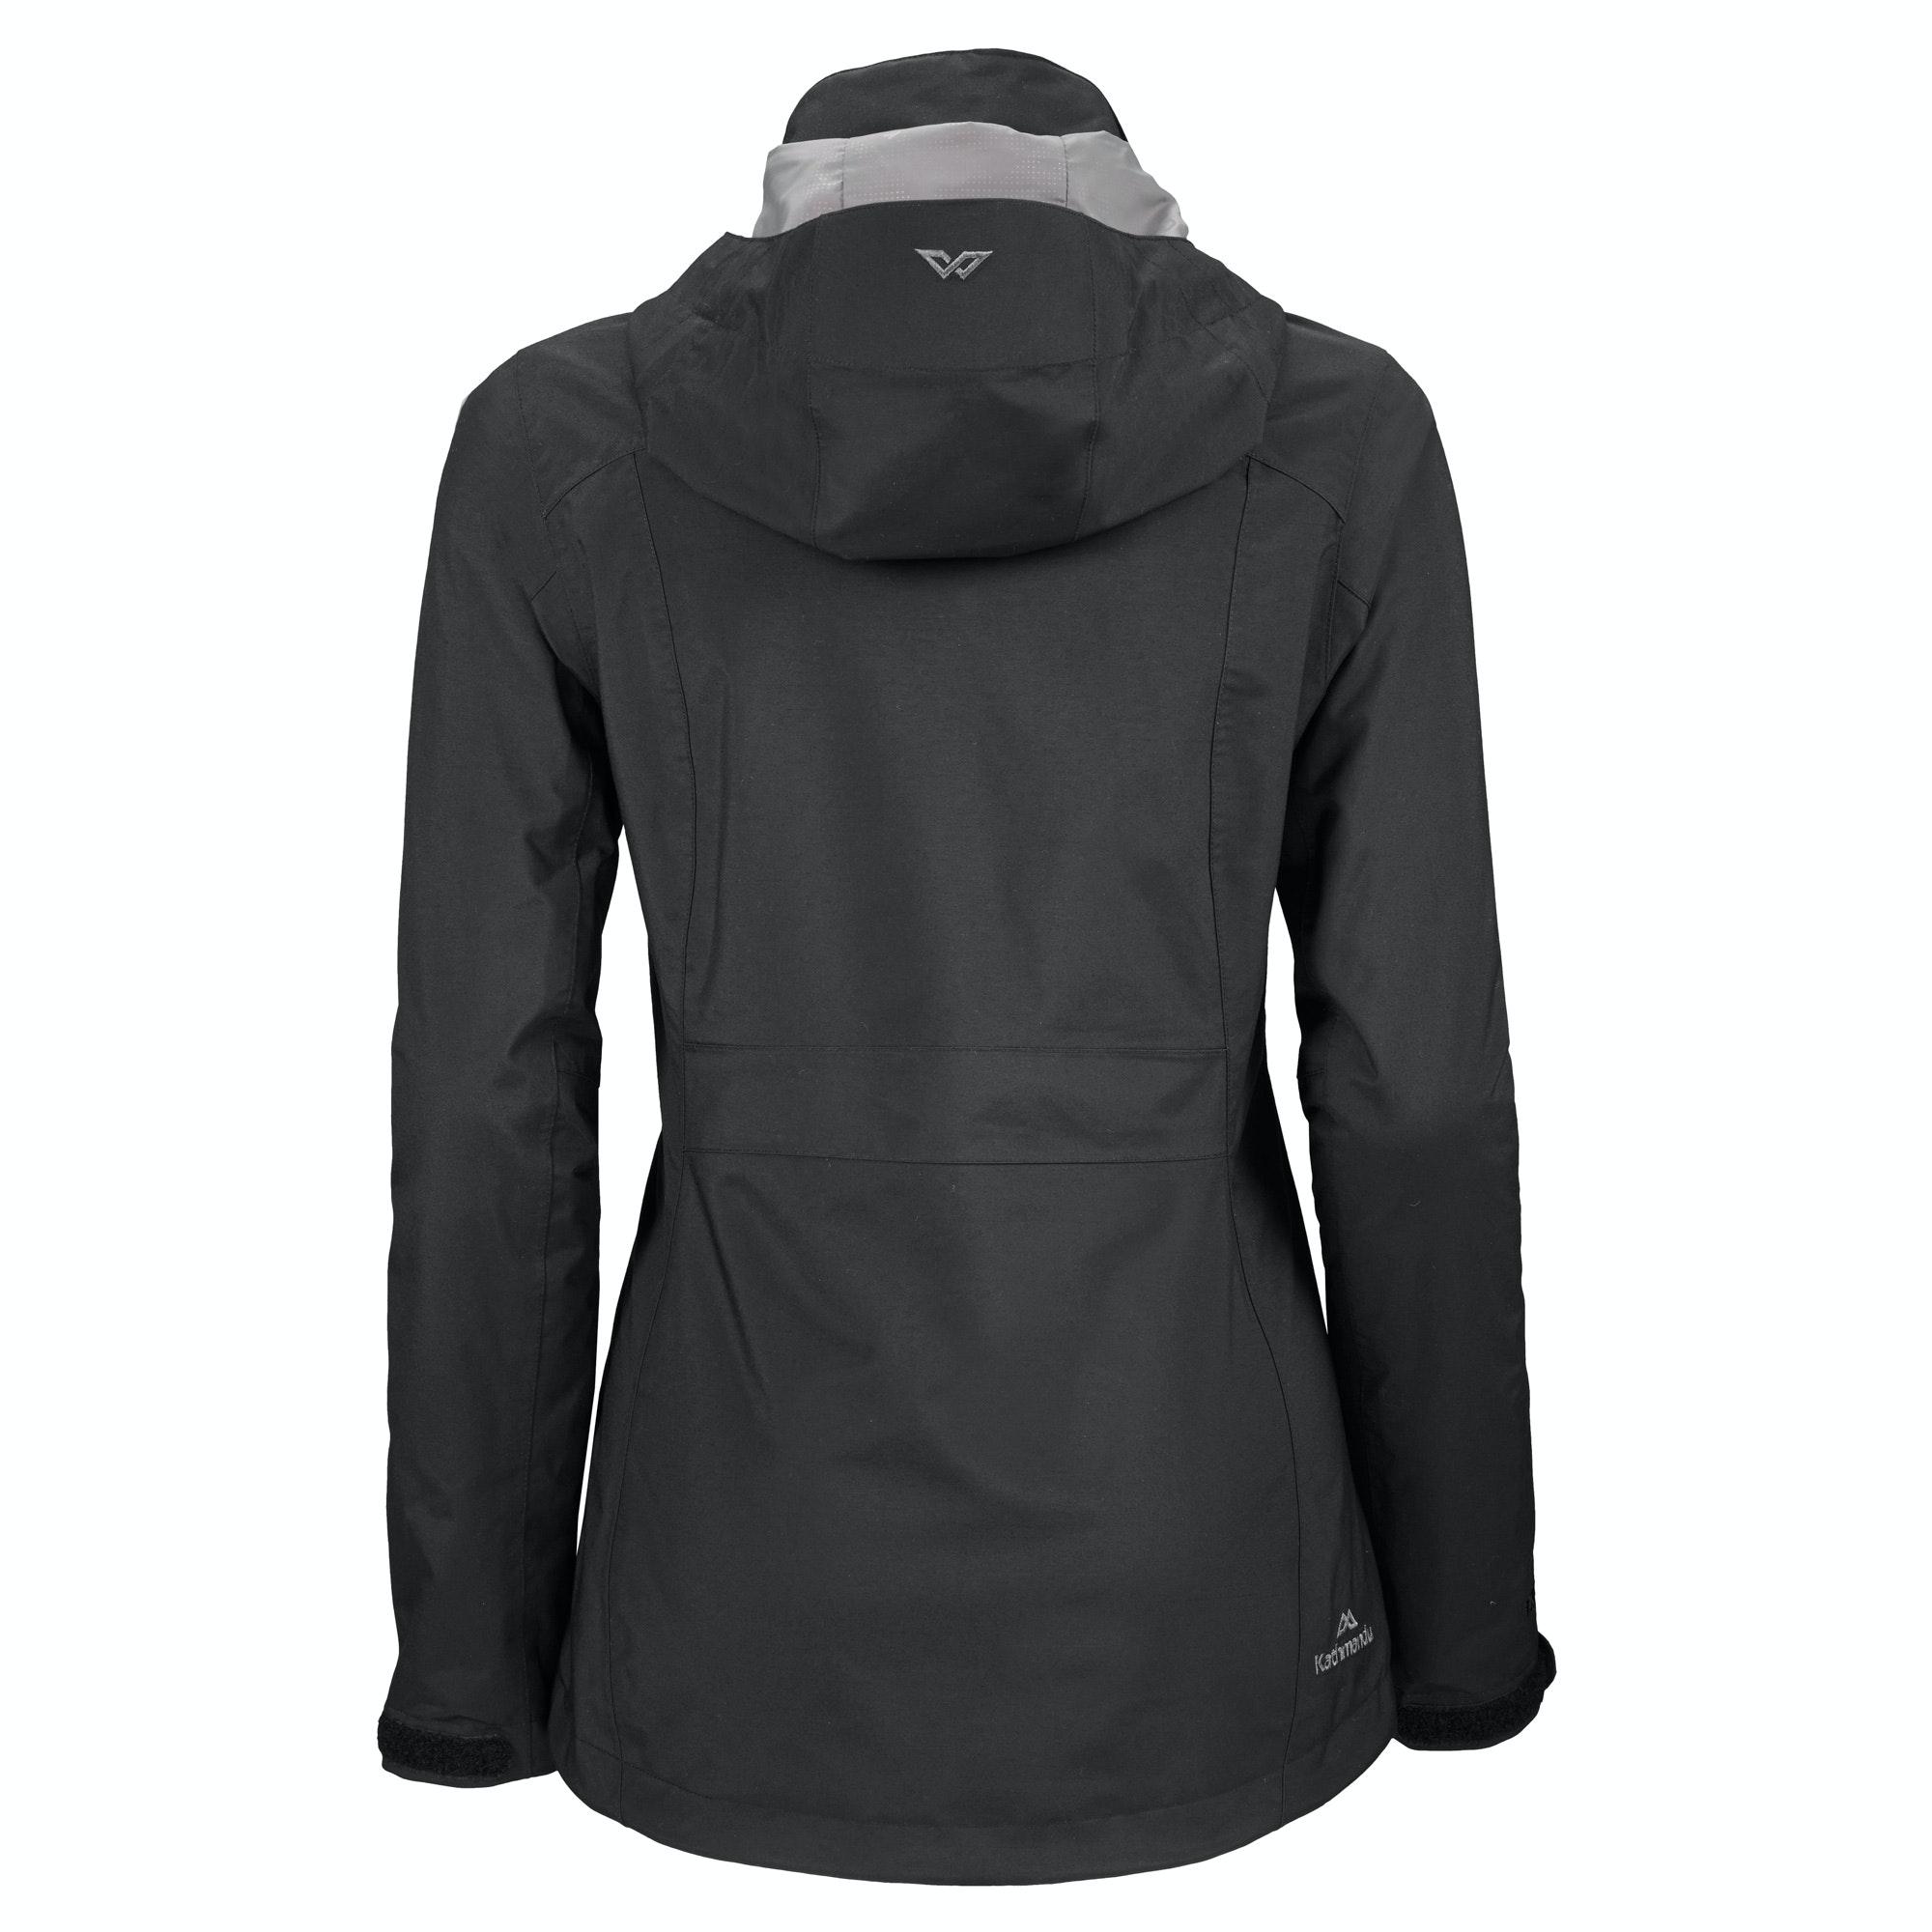 Isograd Women's Waterproof 3 in 1 Jacket v2 - French Blue